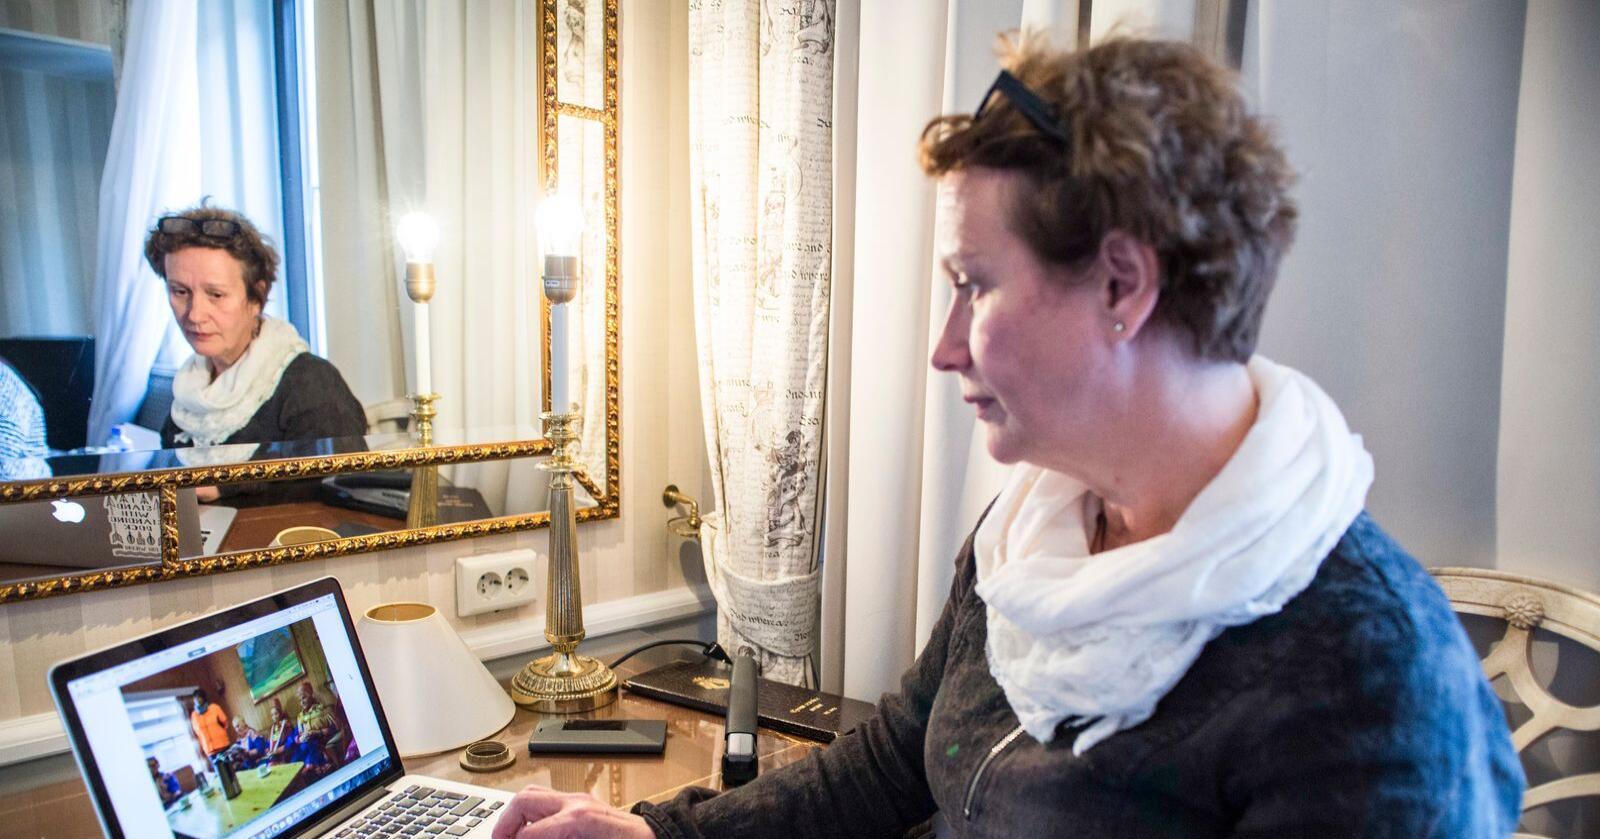 Irene Ojala er innvalgt på Stortinget, som representant fra listen Pasientfokus i Finnmark. Foto: Mariam Butt / NTB